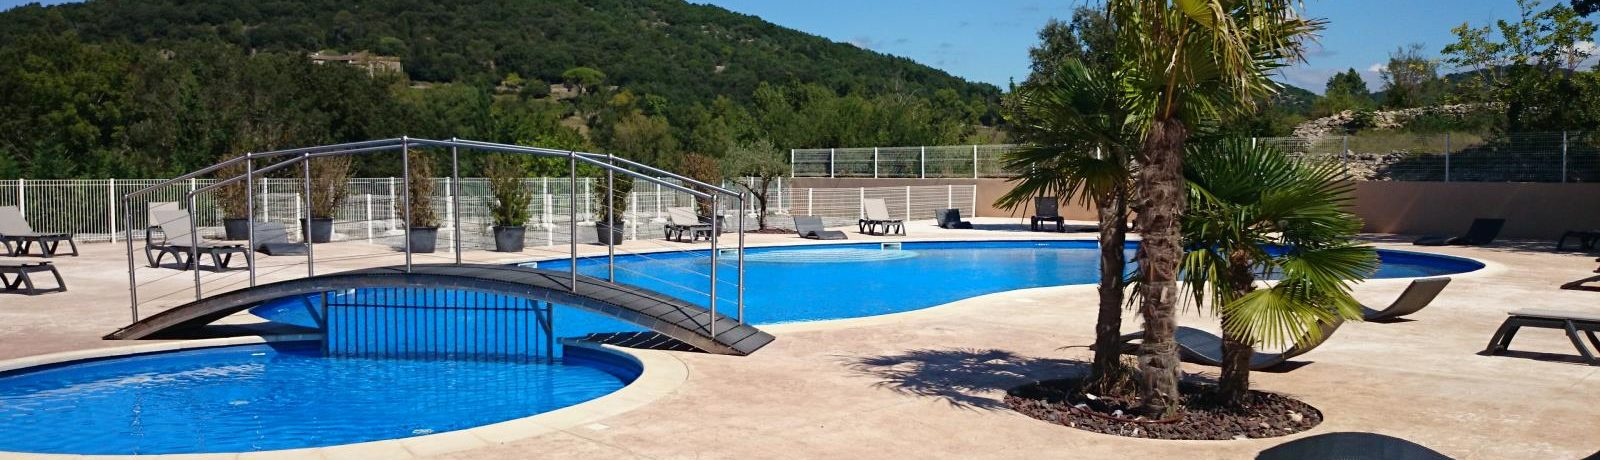 Camping Le Sous Bois is een gezellige familiecamping met zwembad in het zuiden van de Ardèche (Rhône-Alpes) in de ongerepte vallei Vallée de l'Ibie.